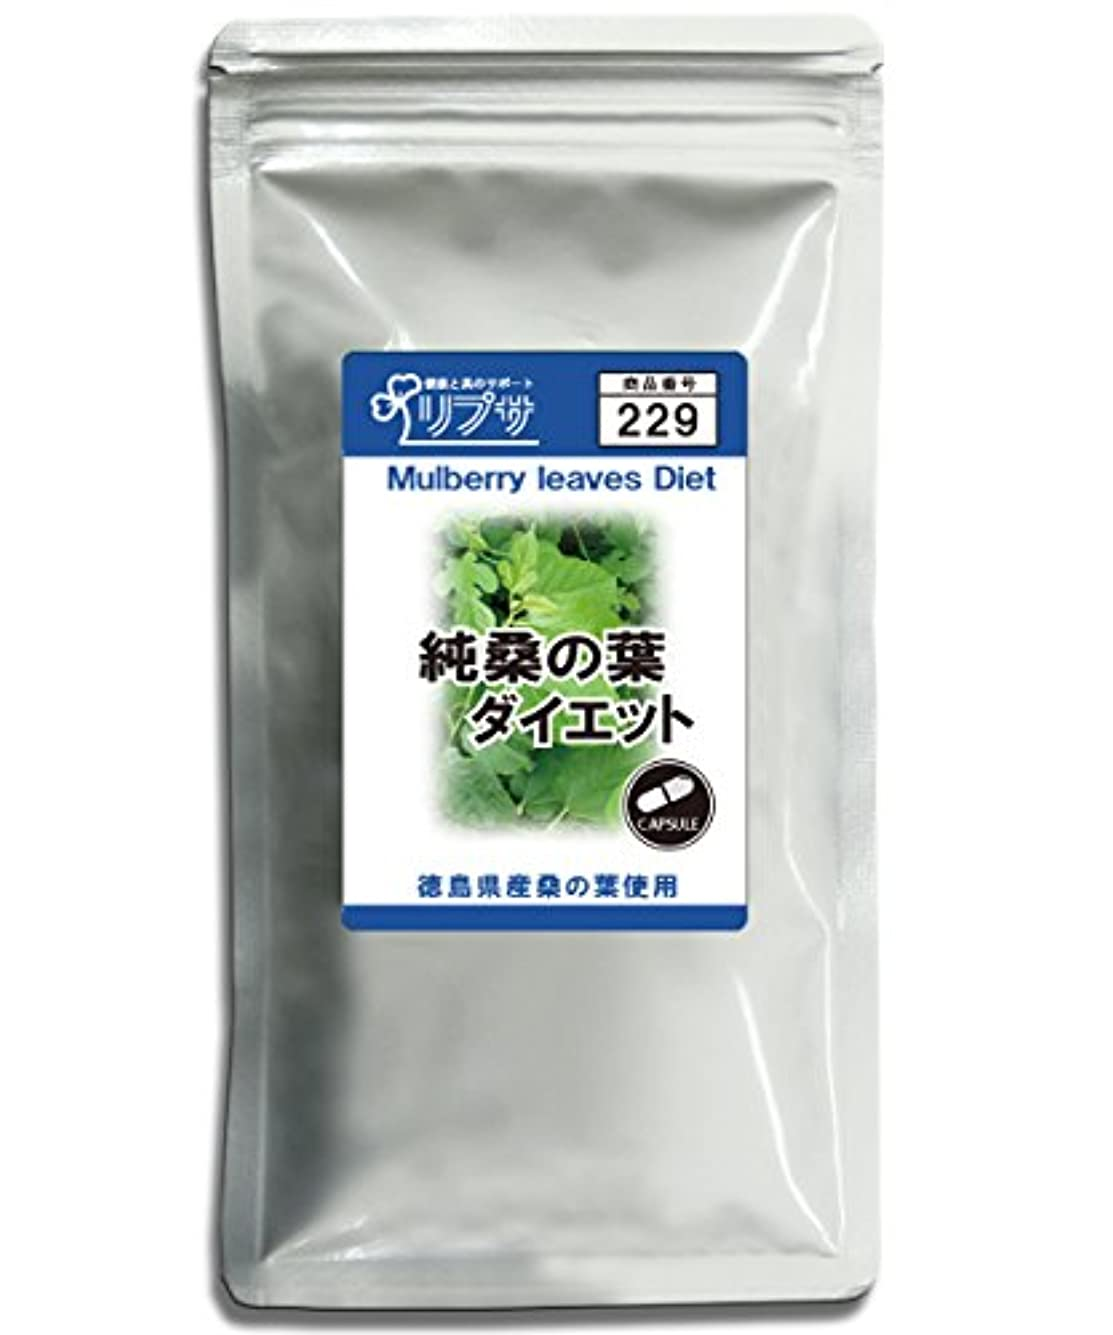 変色する常識チョコレート純桑の葉ダイエット 約3か月分 C-229